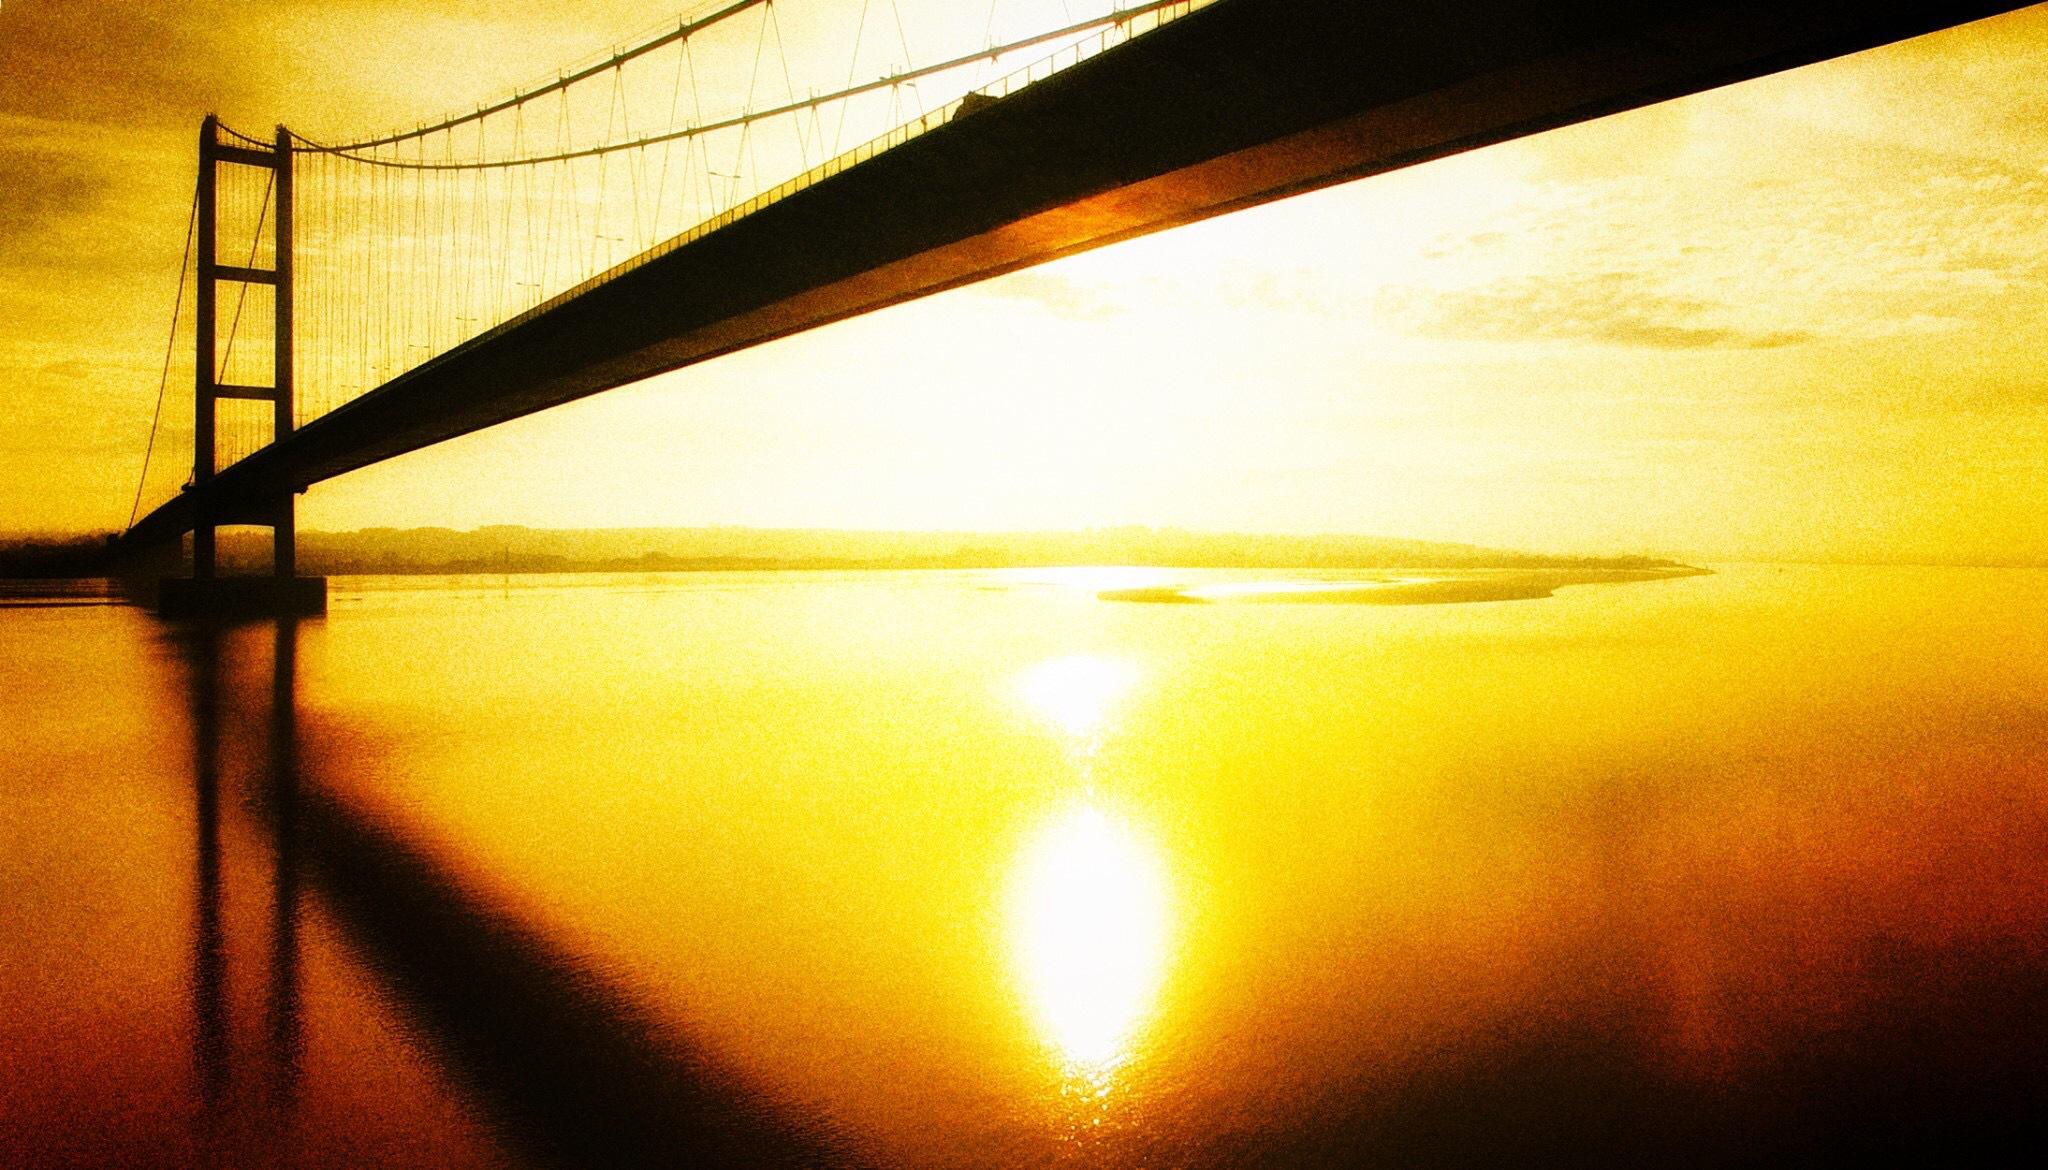 Autumn under the bridge  by Charlie Tog